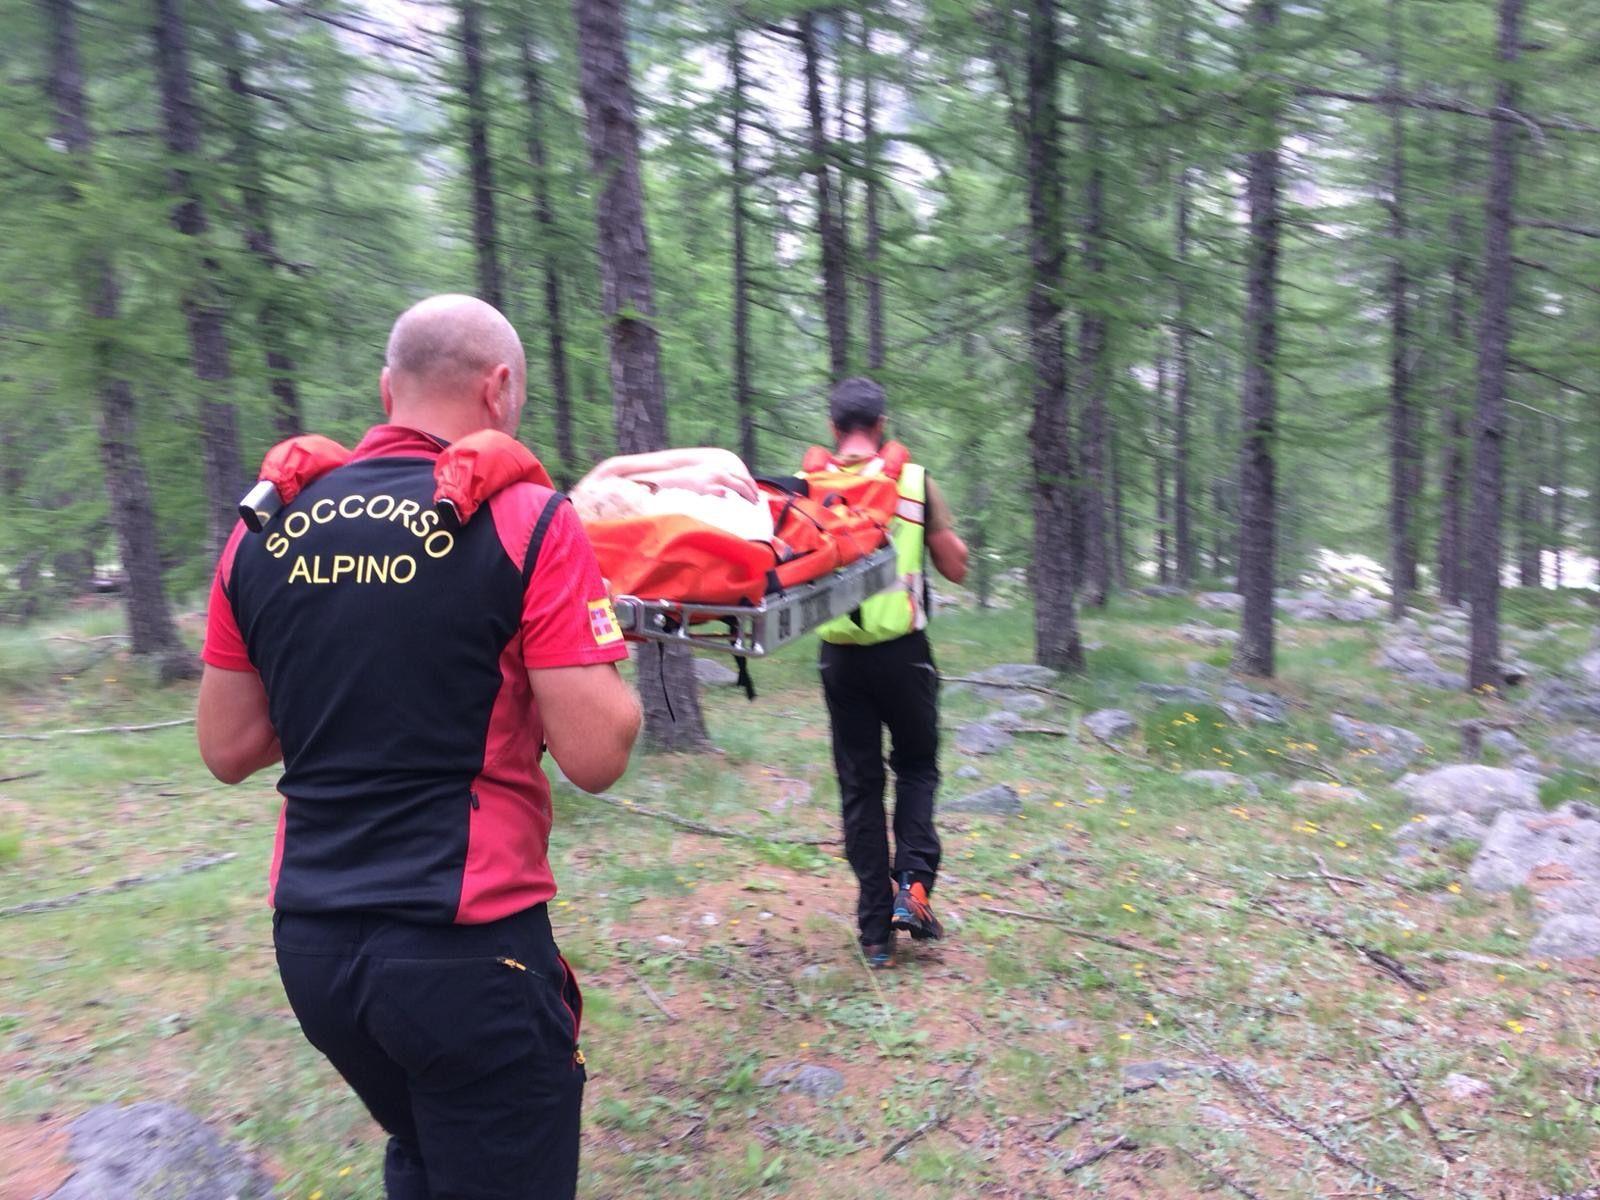 CERESOLE REALE - Escursionista di Rivarolo Canavese cade nei boschi, recuperata dal soccorso alpino